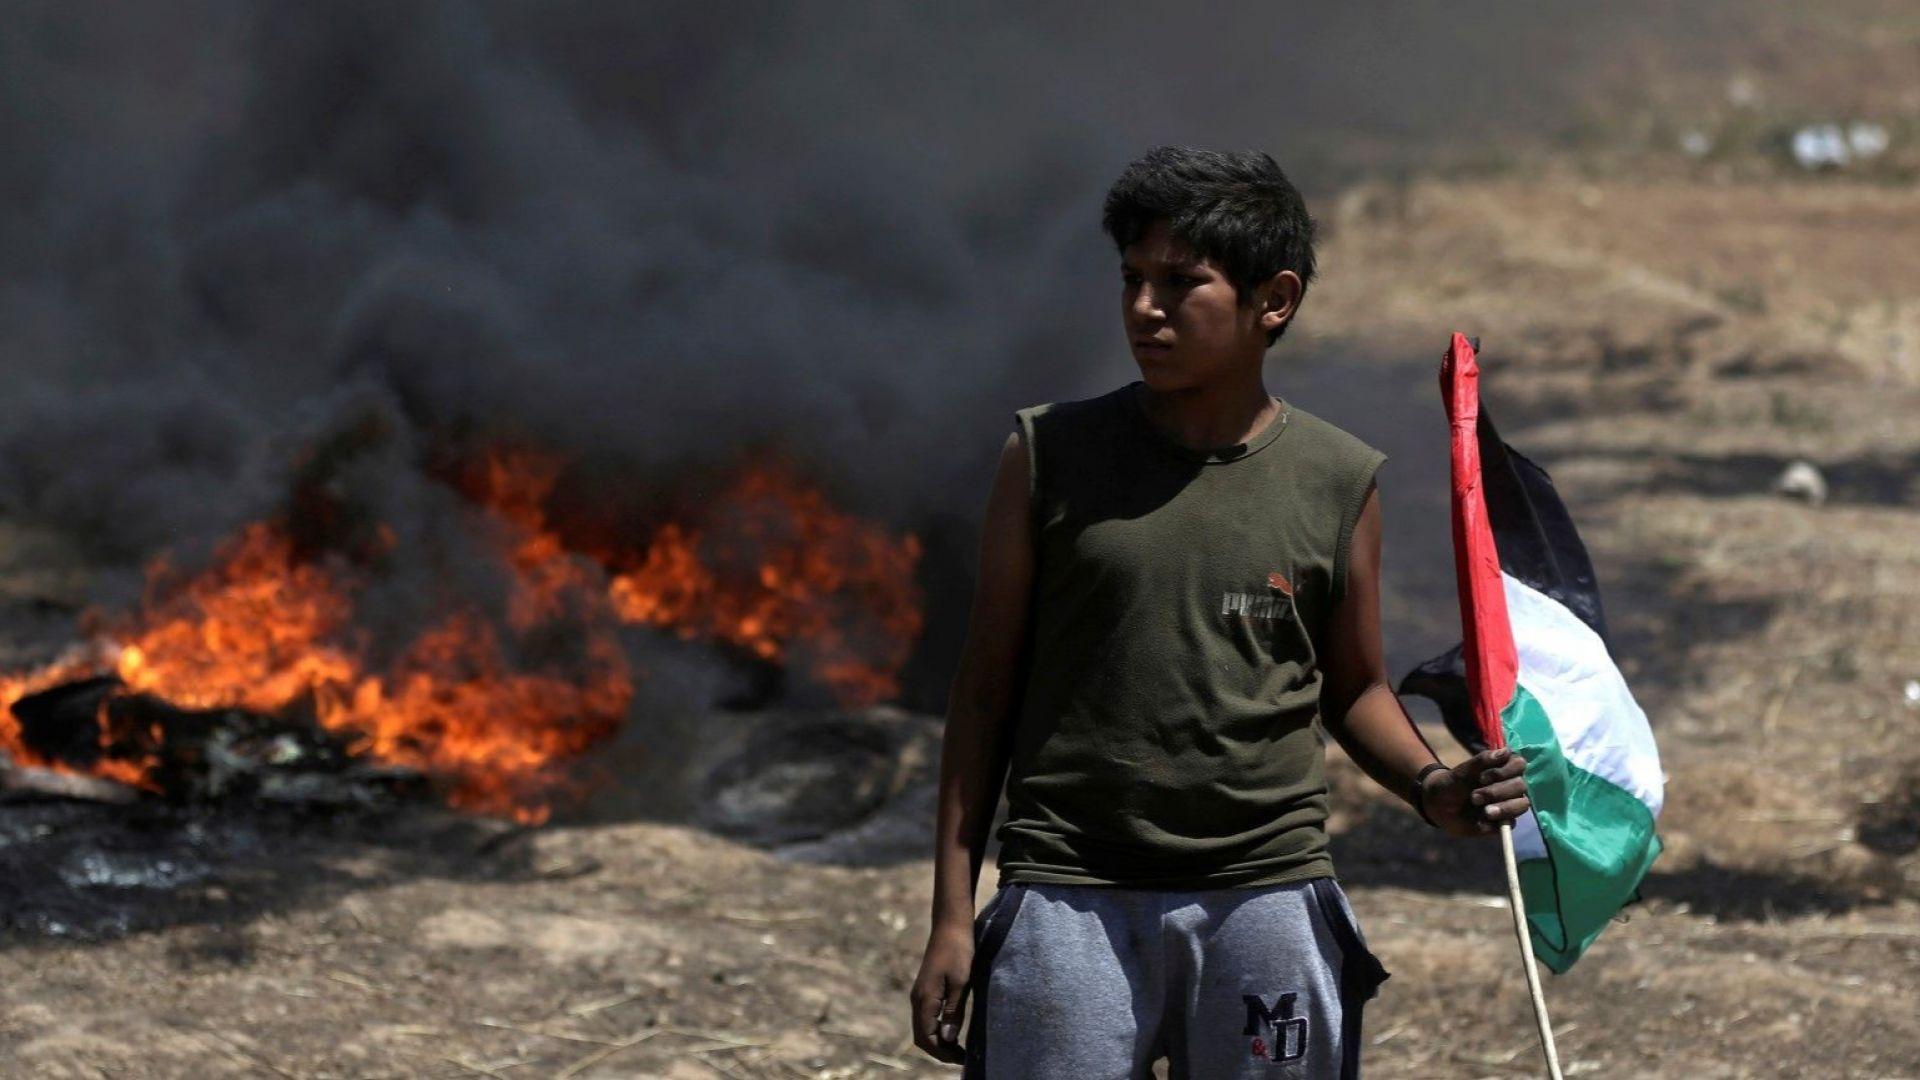 Момче държи палестинския флаг по време на кървавите сблъсъци с израелската армия в ивицата Газа